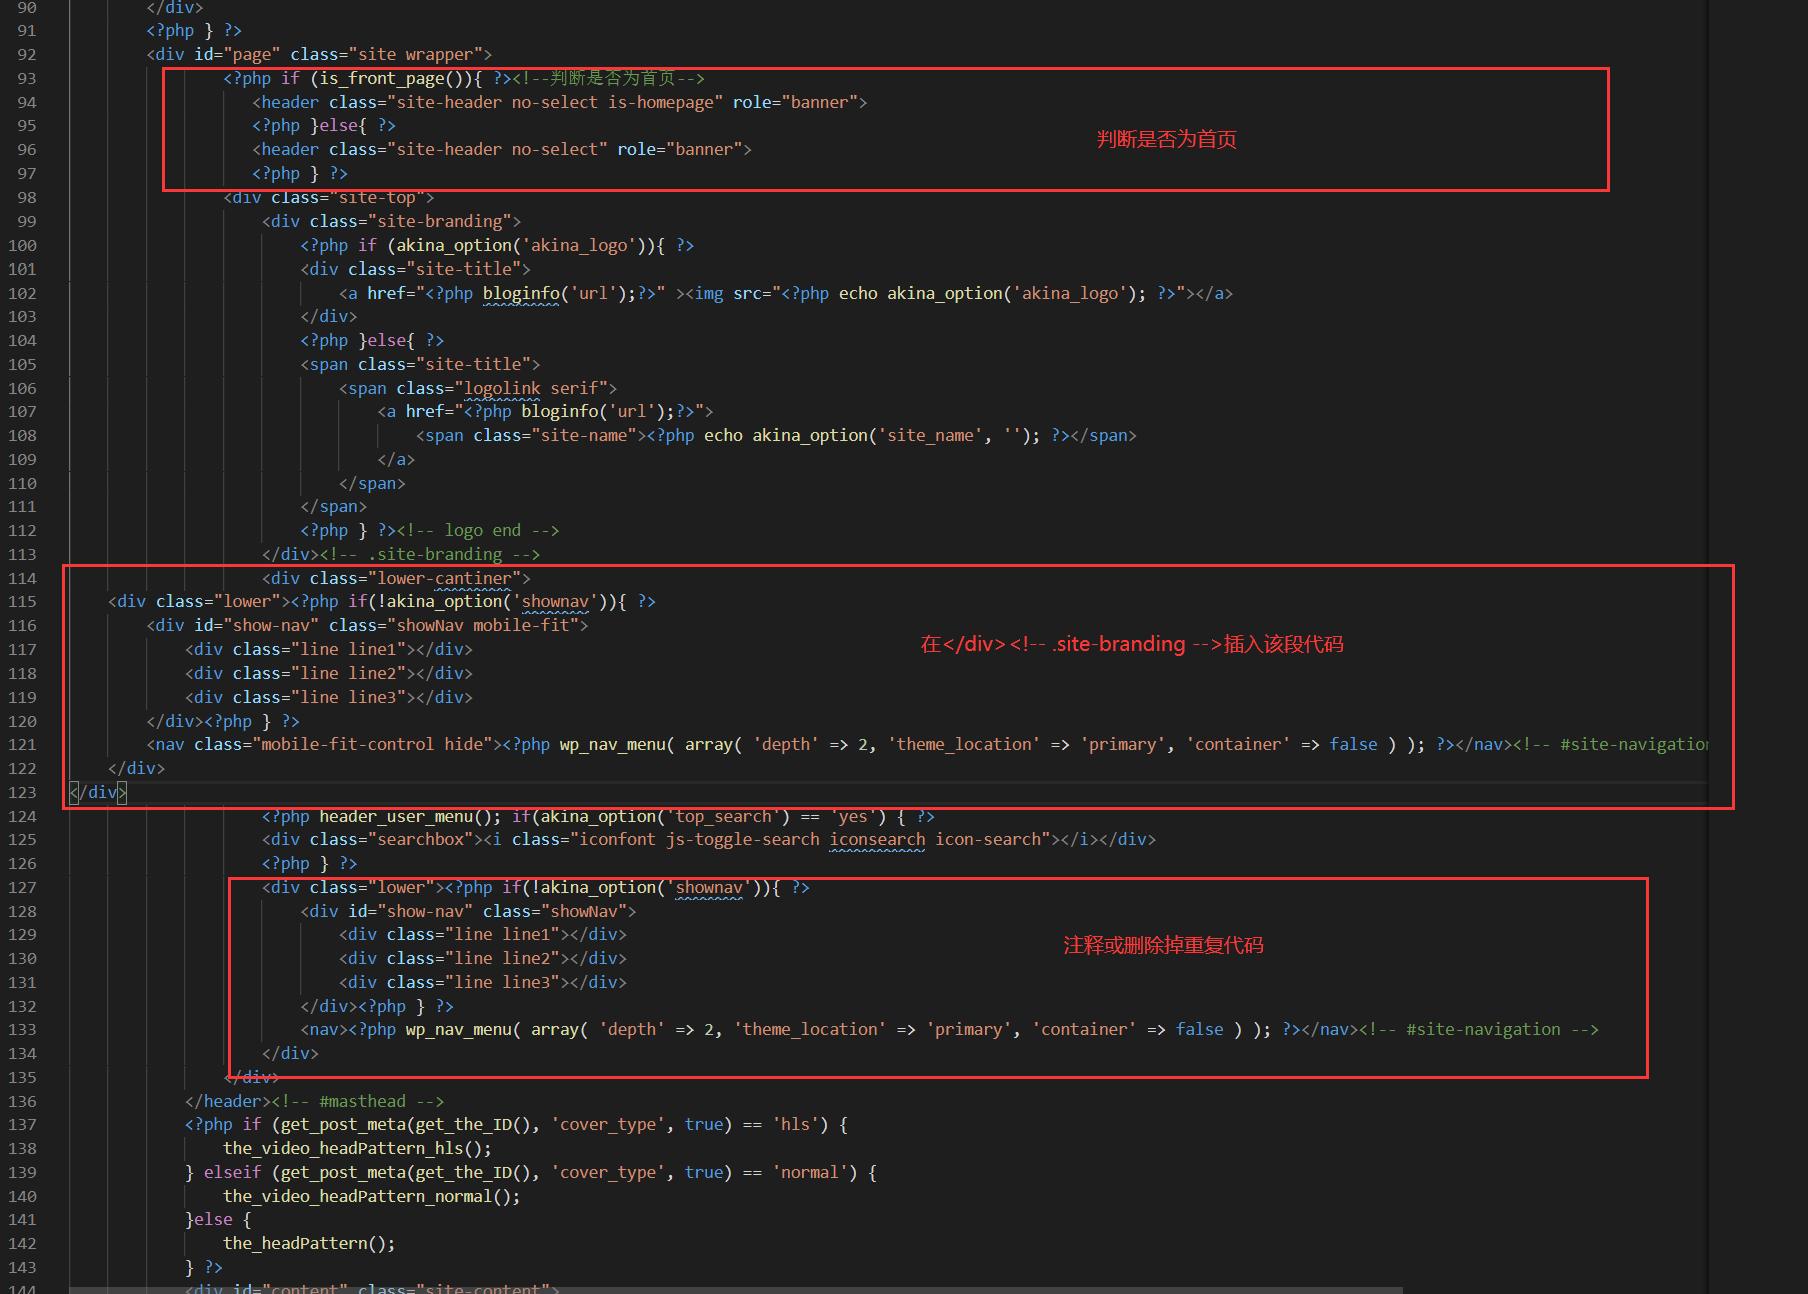 修改后代码结构